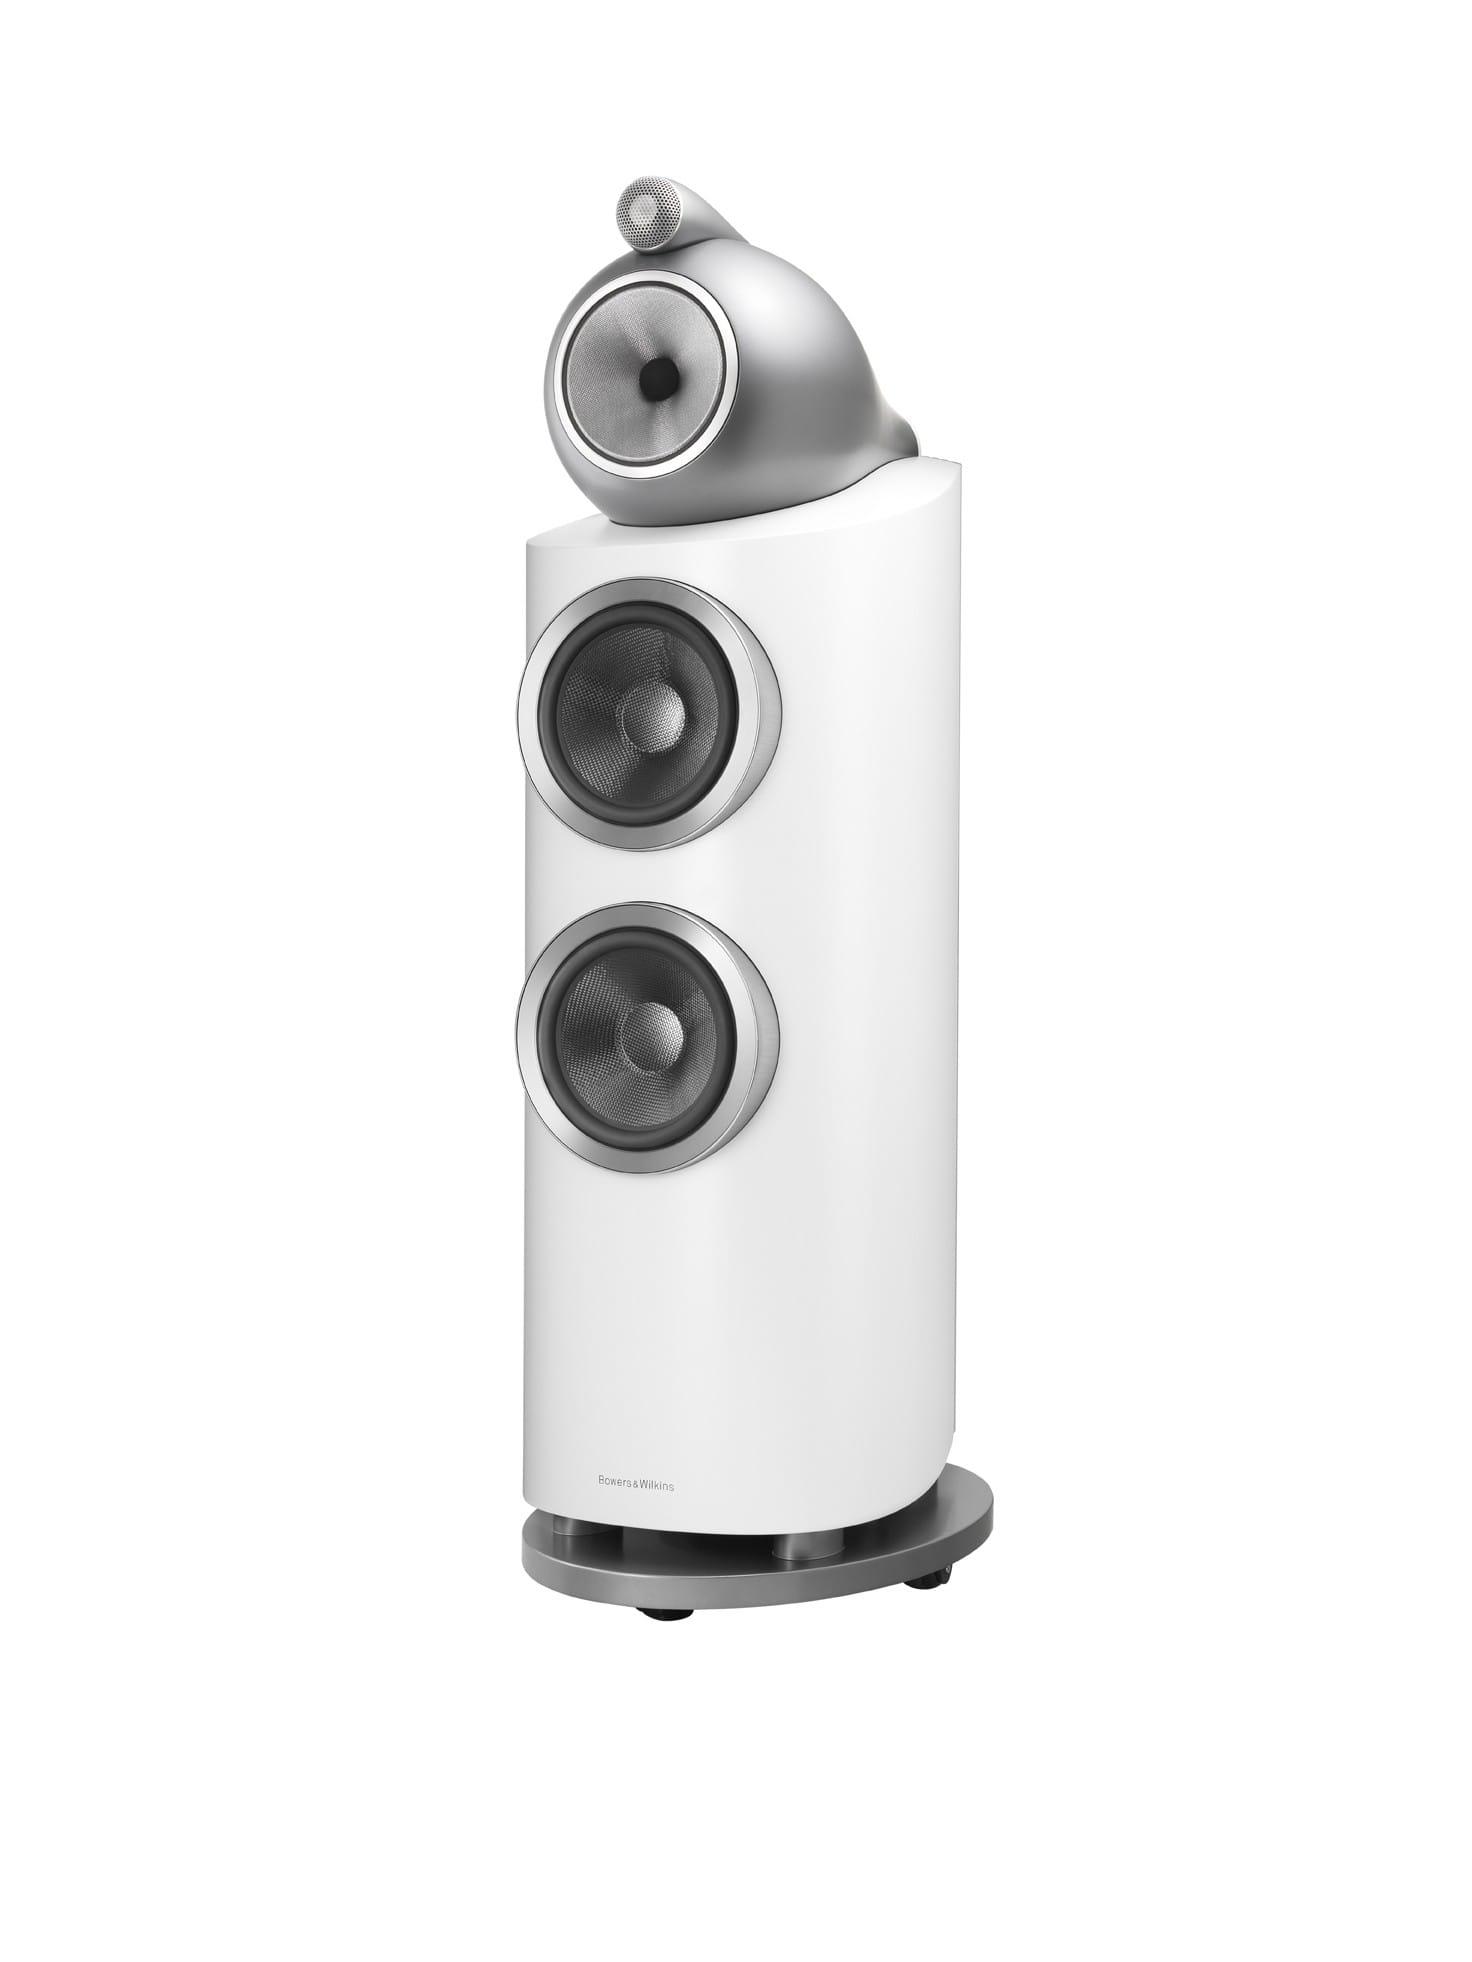 802 D3 Напольная акустическая система | Bowers & Wilkins